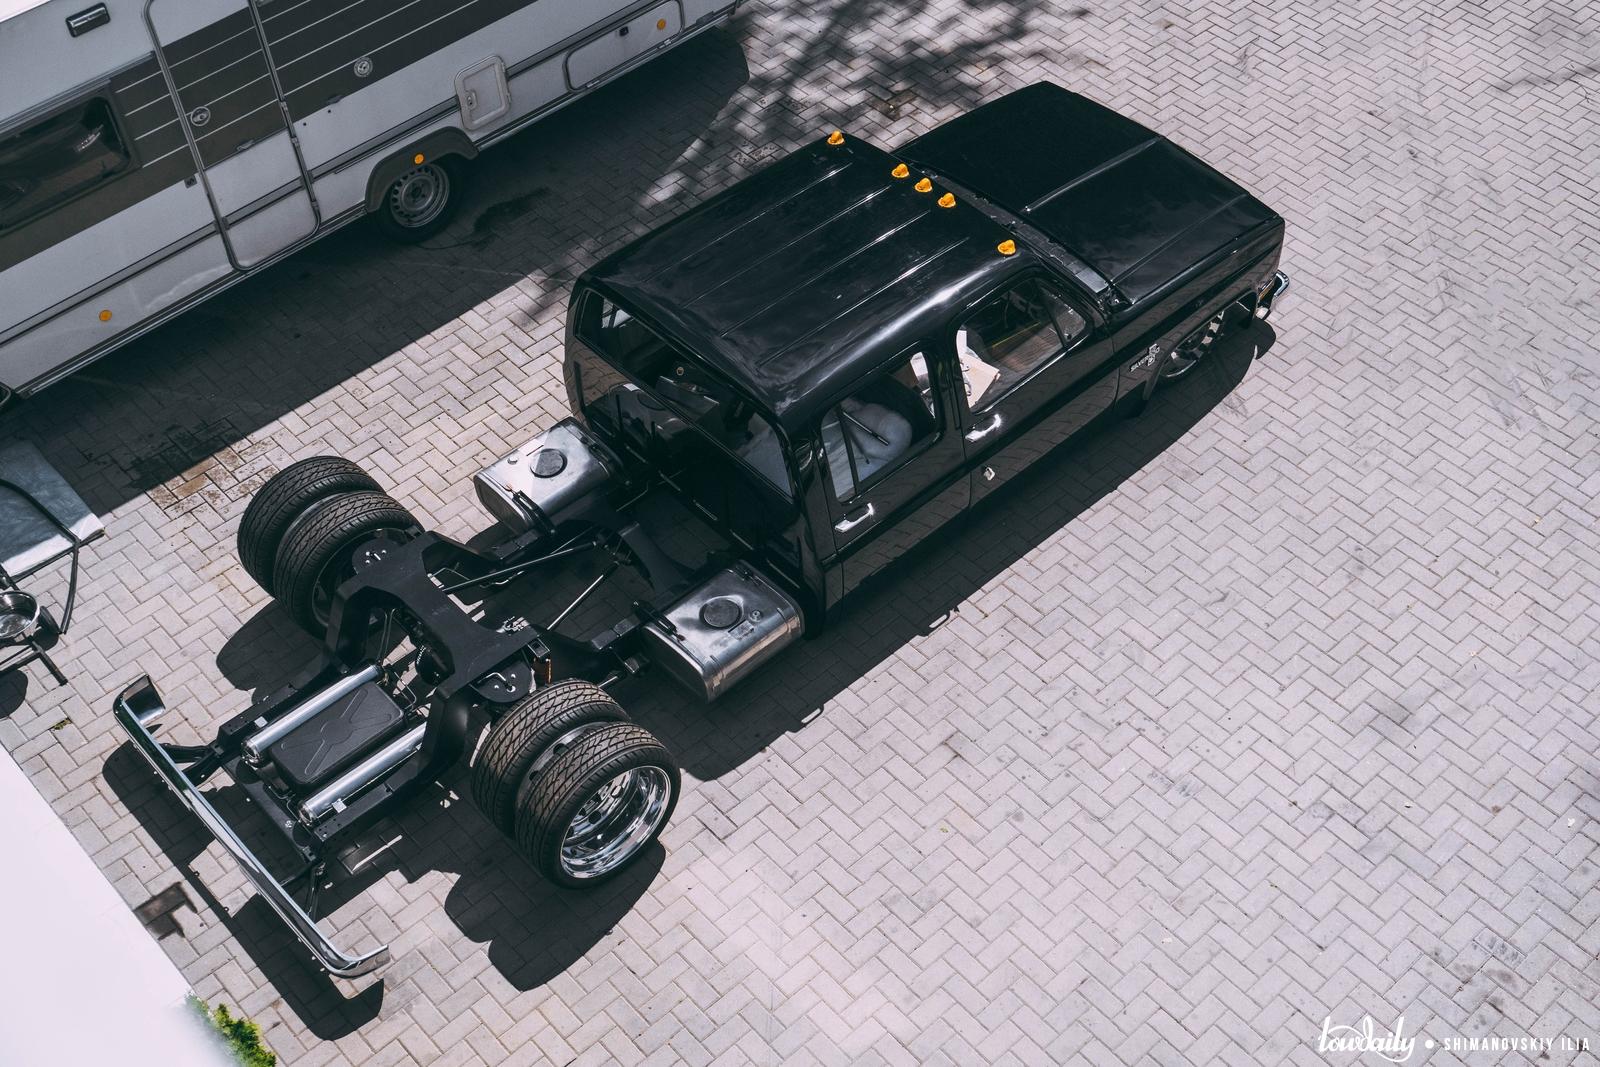 Chevrolet Silverado Slammed Pickup